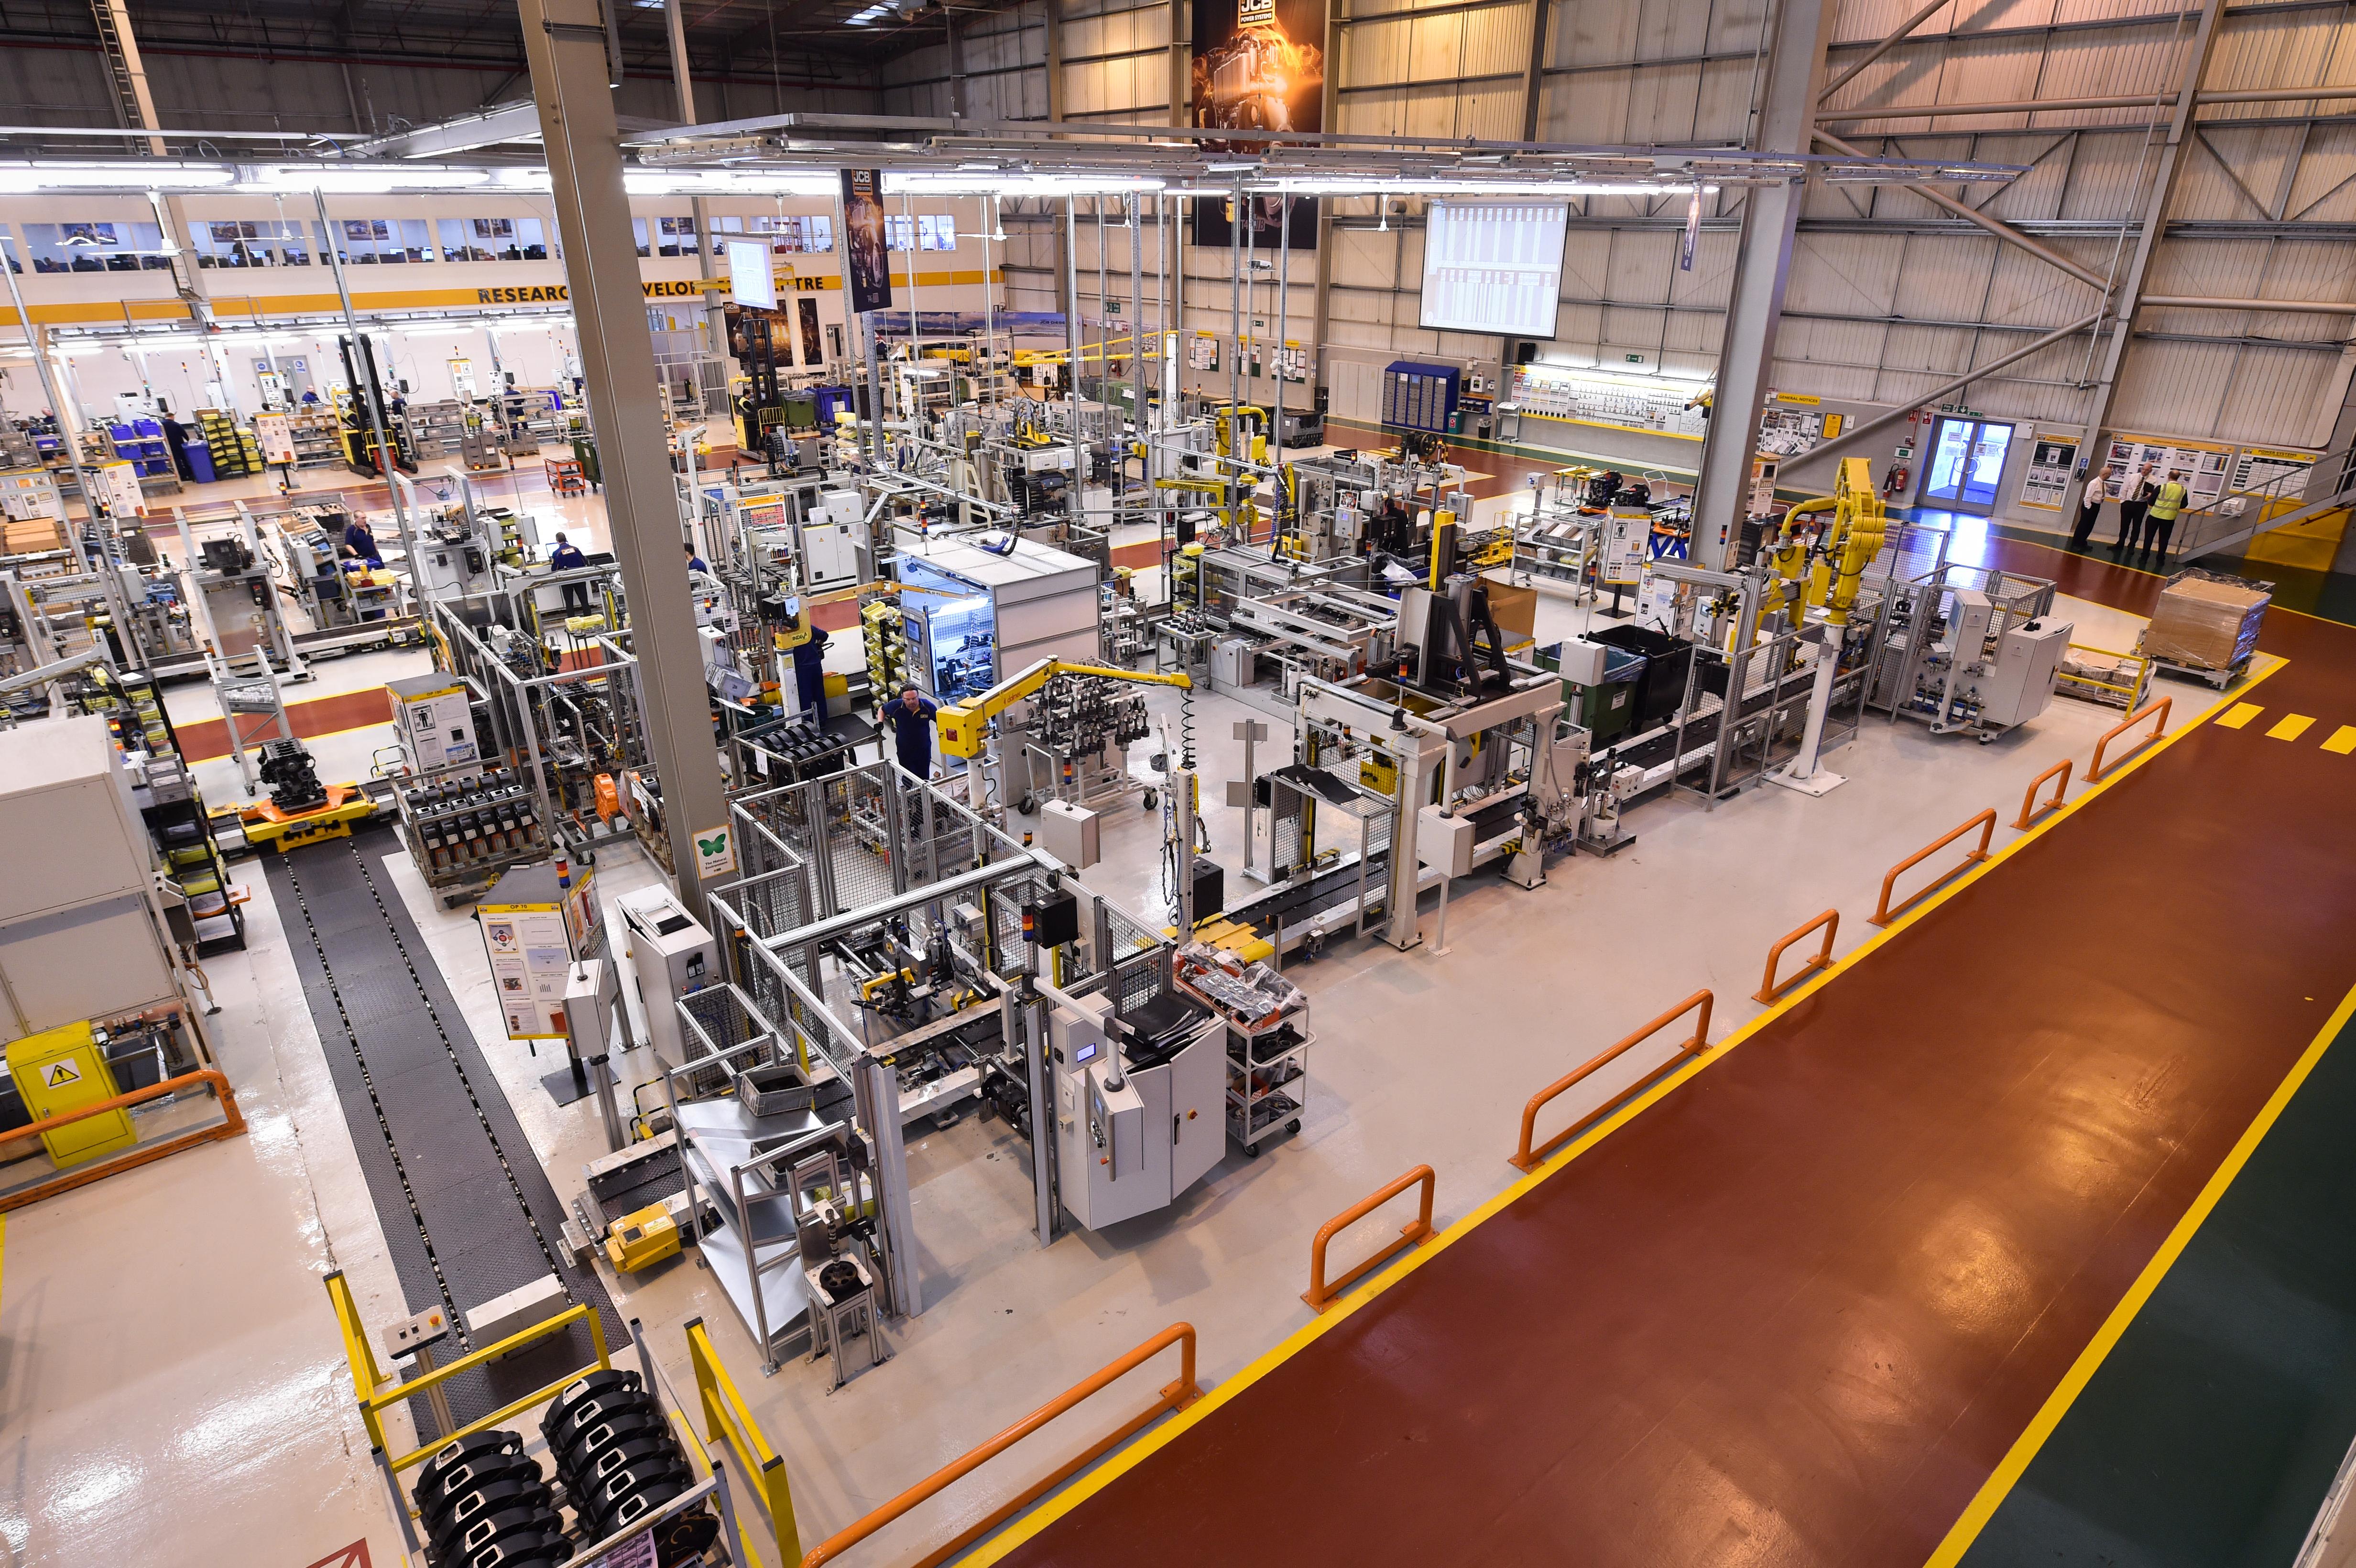 JCB Power Systems investiert 10 Millionen britische Pfund in eine neue Fertigungsanlage